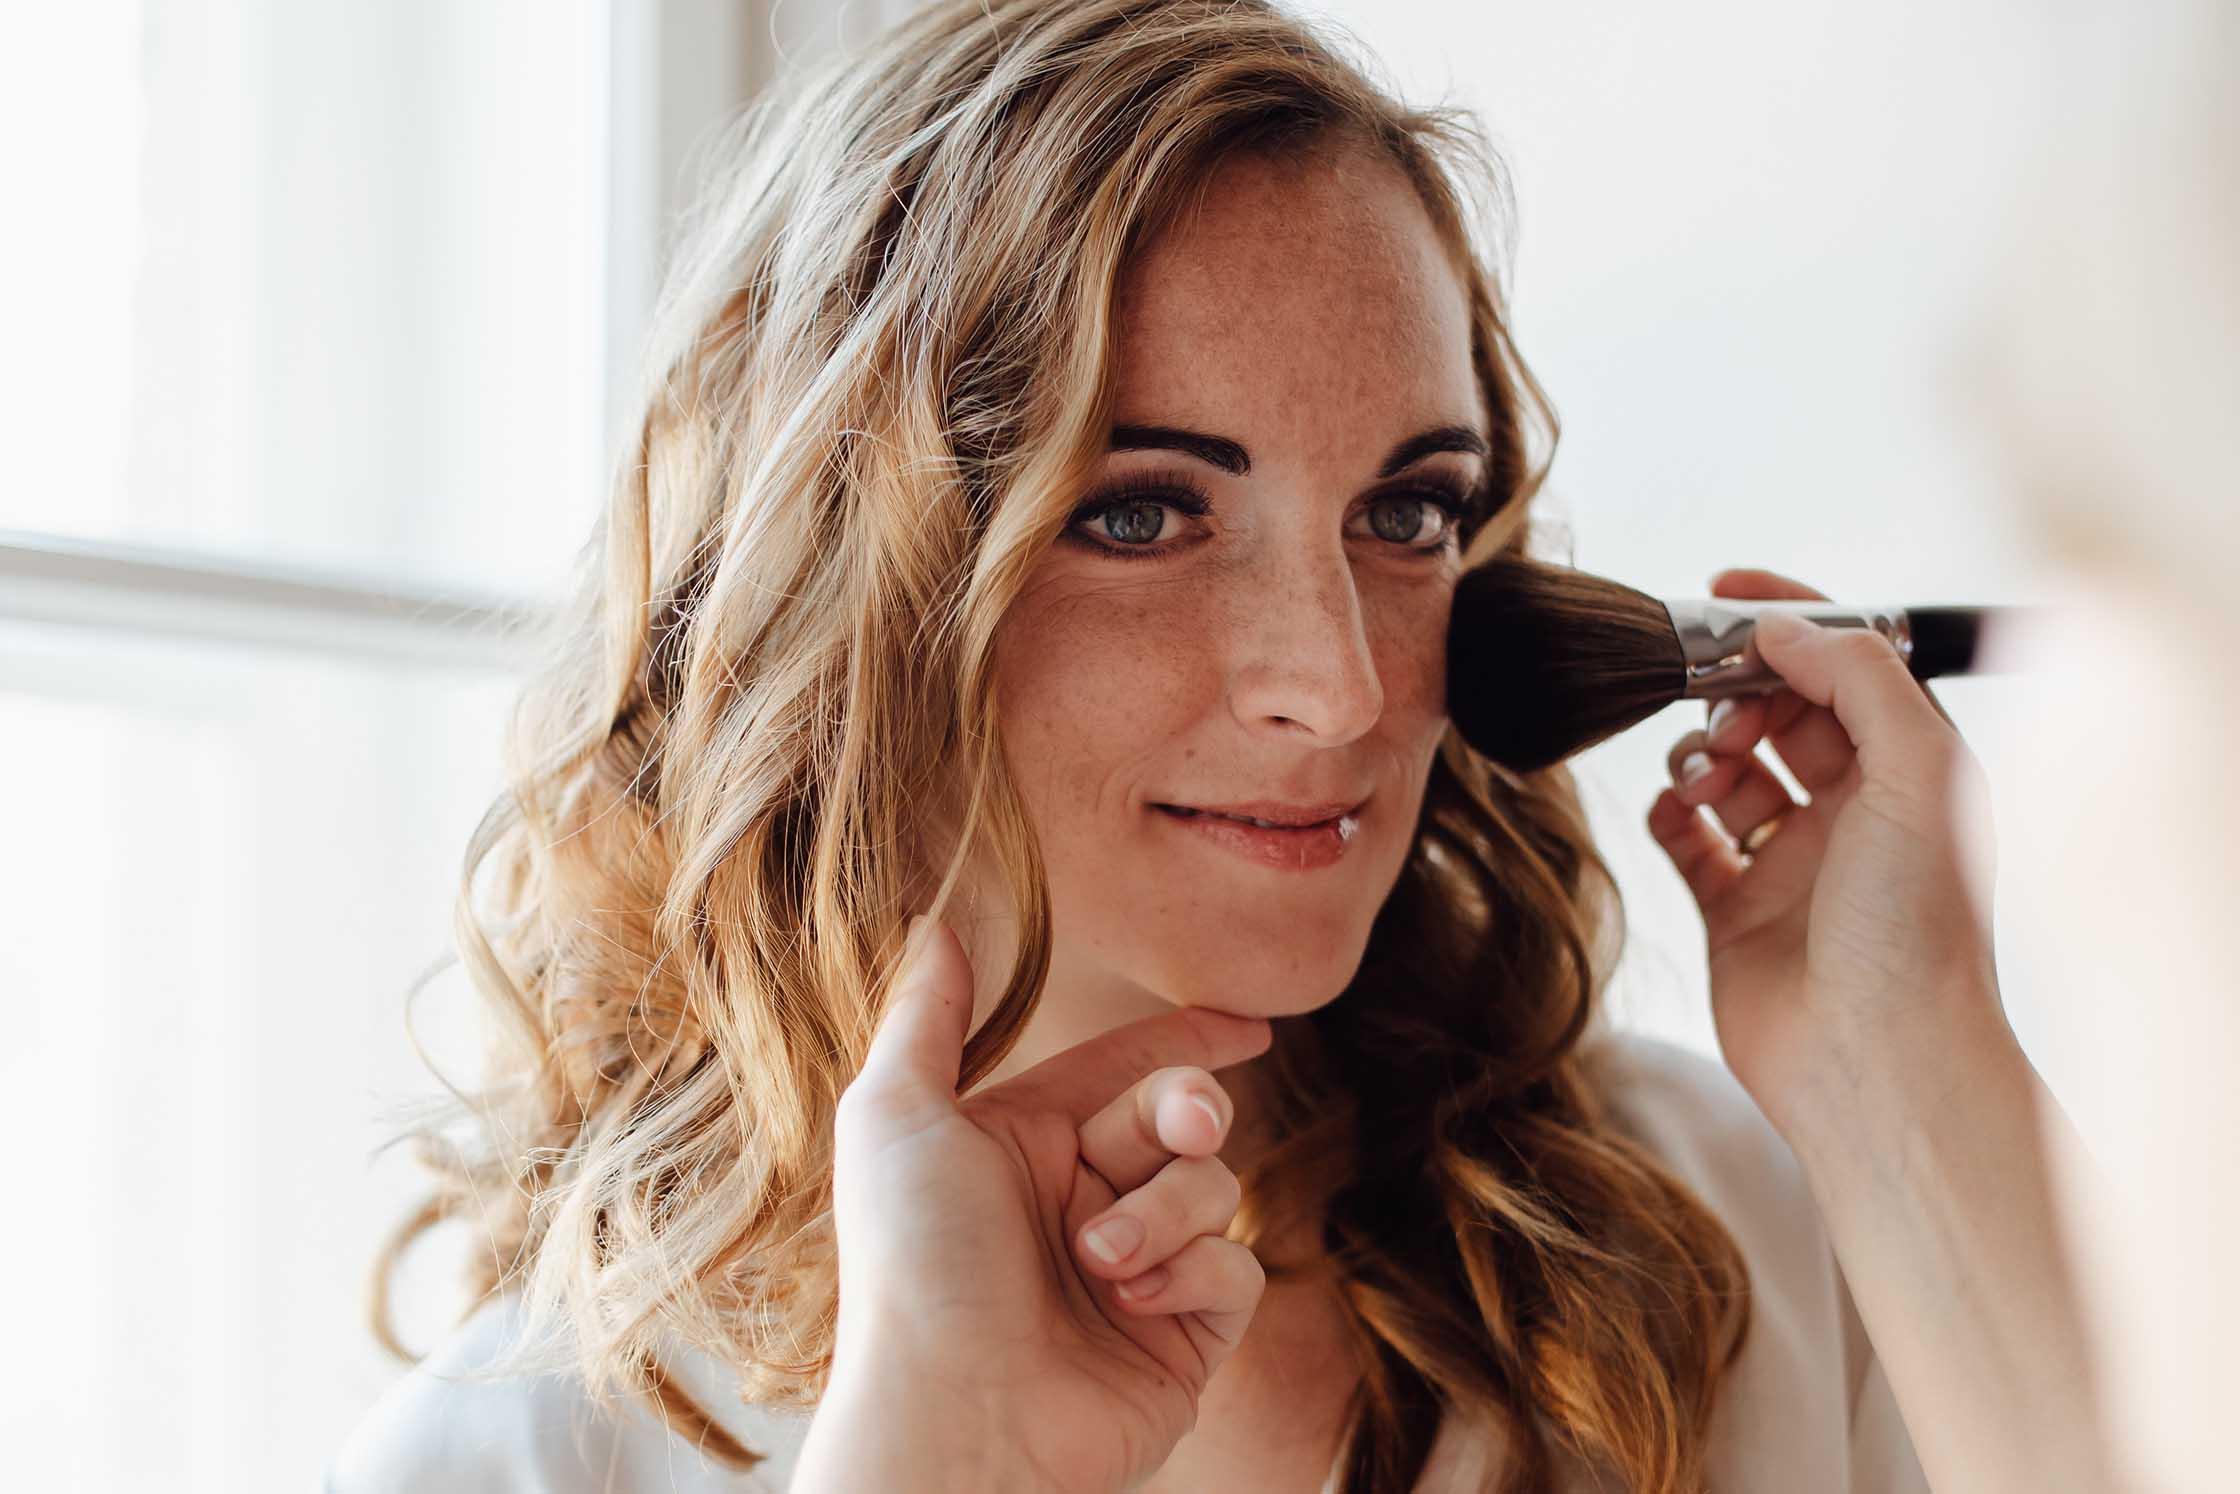 Visagistin & Make-up Artist Steffi Hausberger